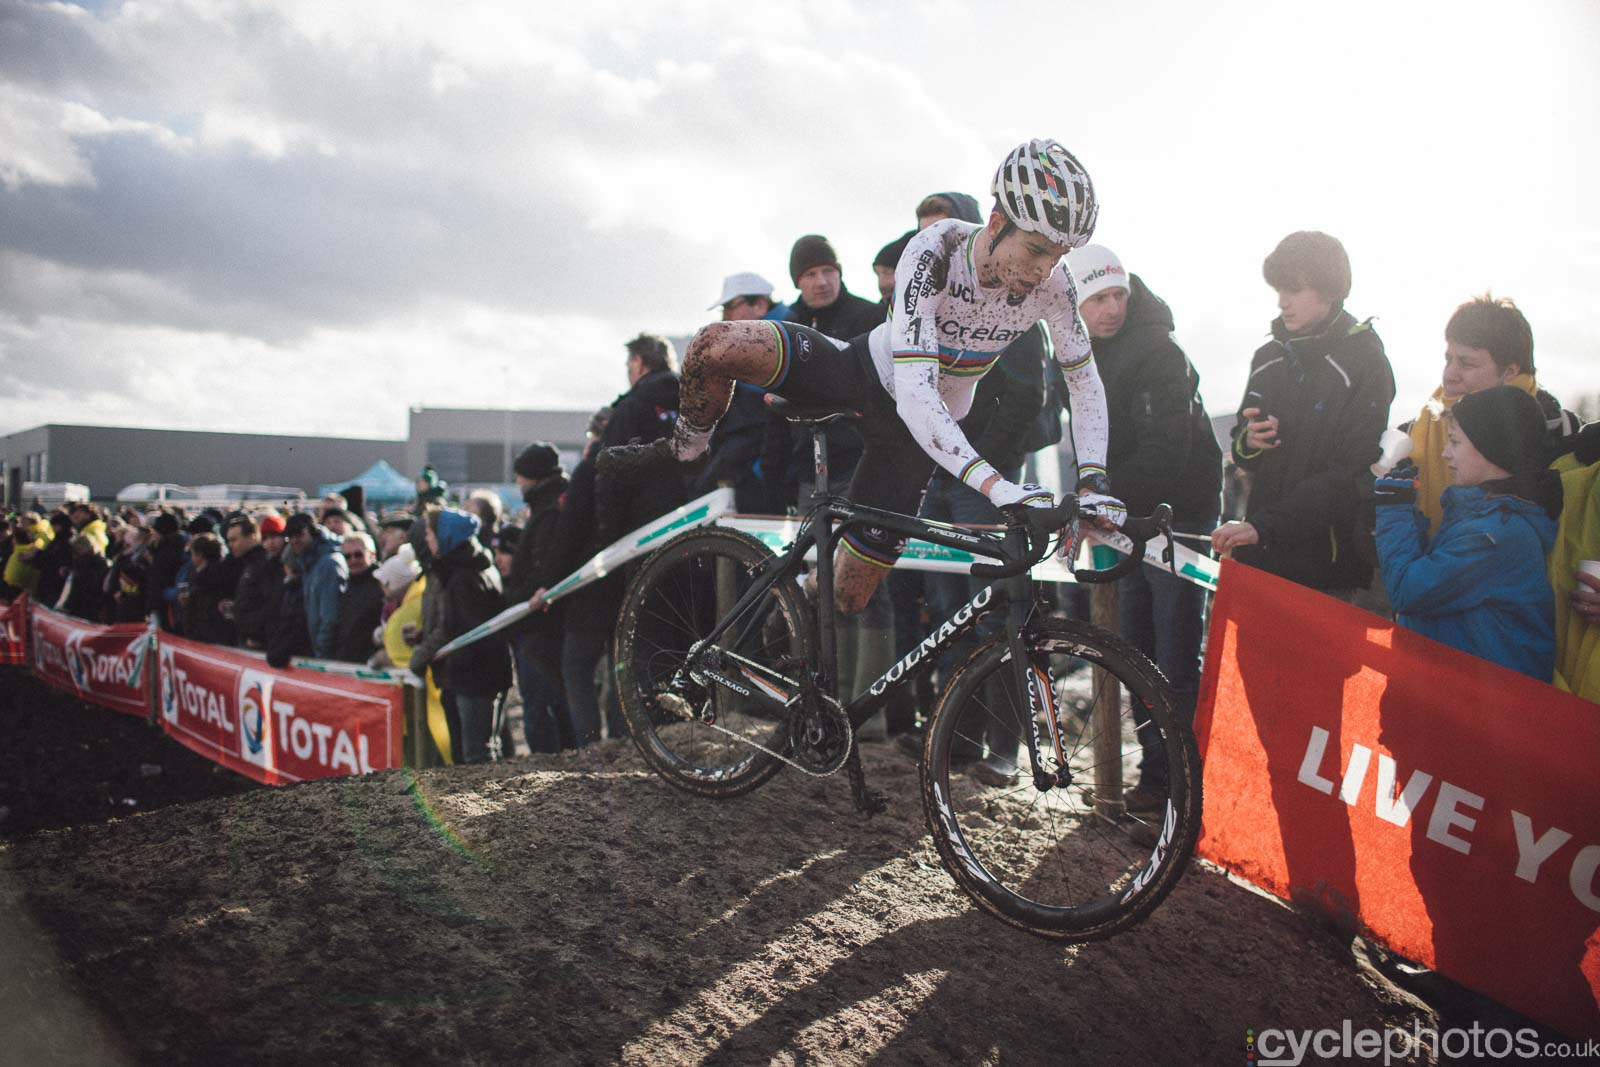 2016-cyclephotos-cyclocross-hoogstraten-151113-wout-van-aert